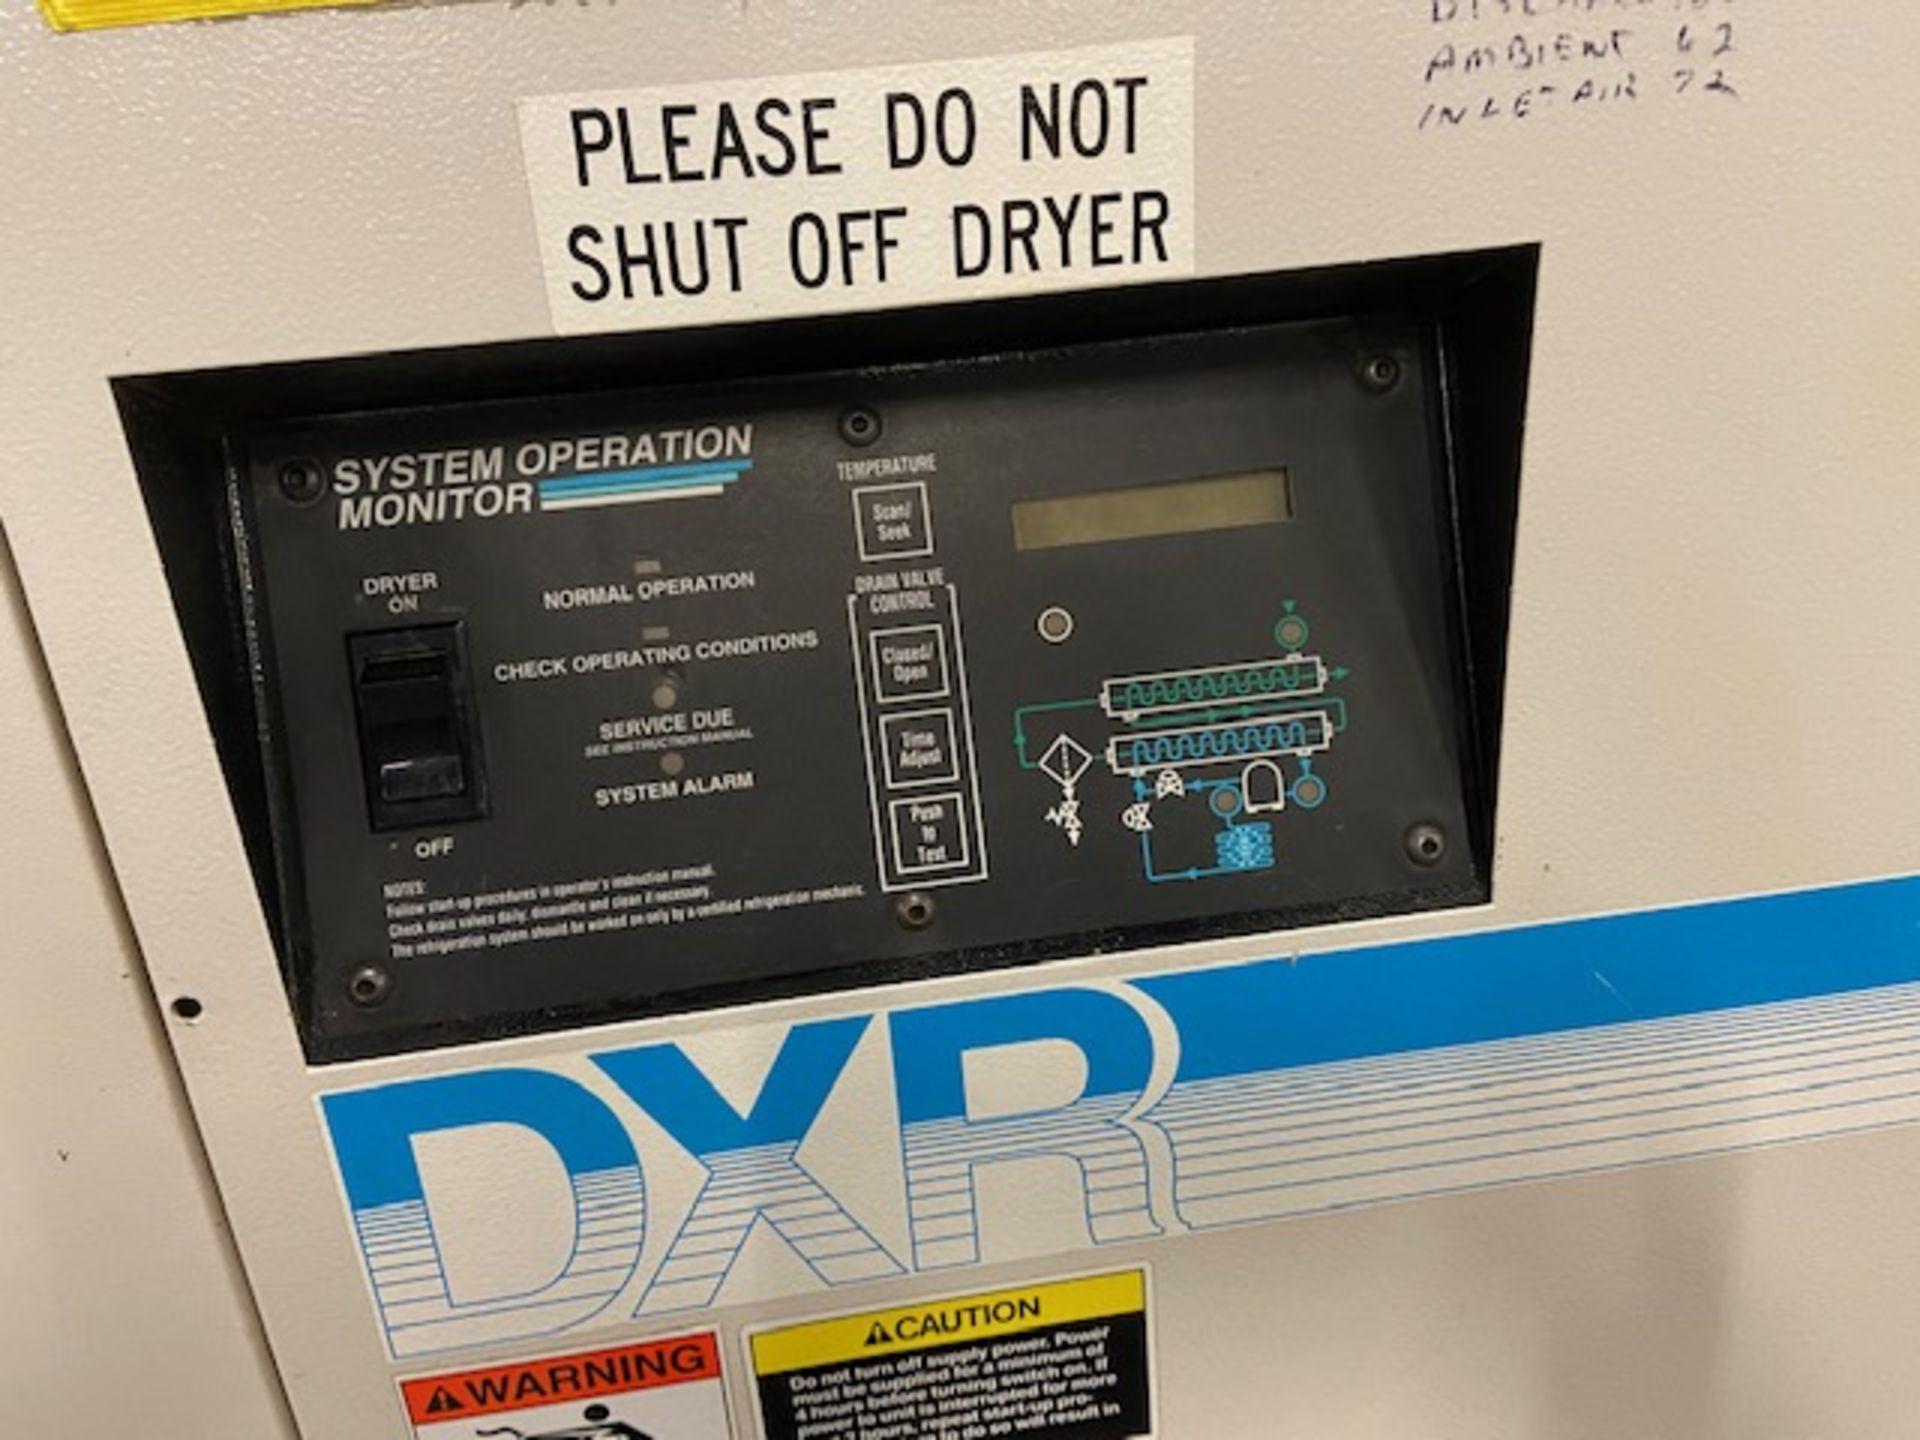 Ingersoll Rand DXR 1000 CFM Air Compressor Dryer Unit model DXR1000AB - Image 2 of 3